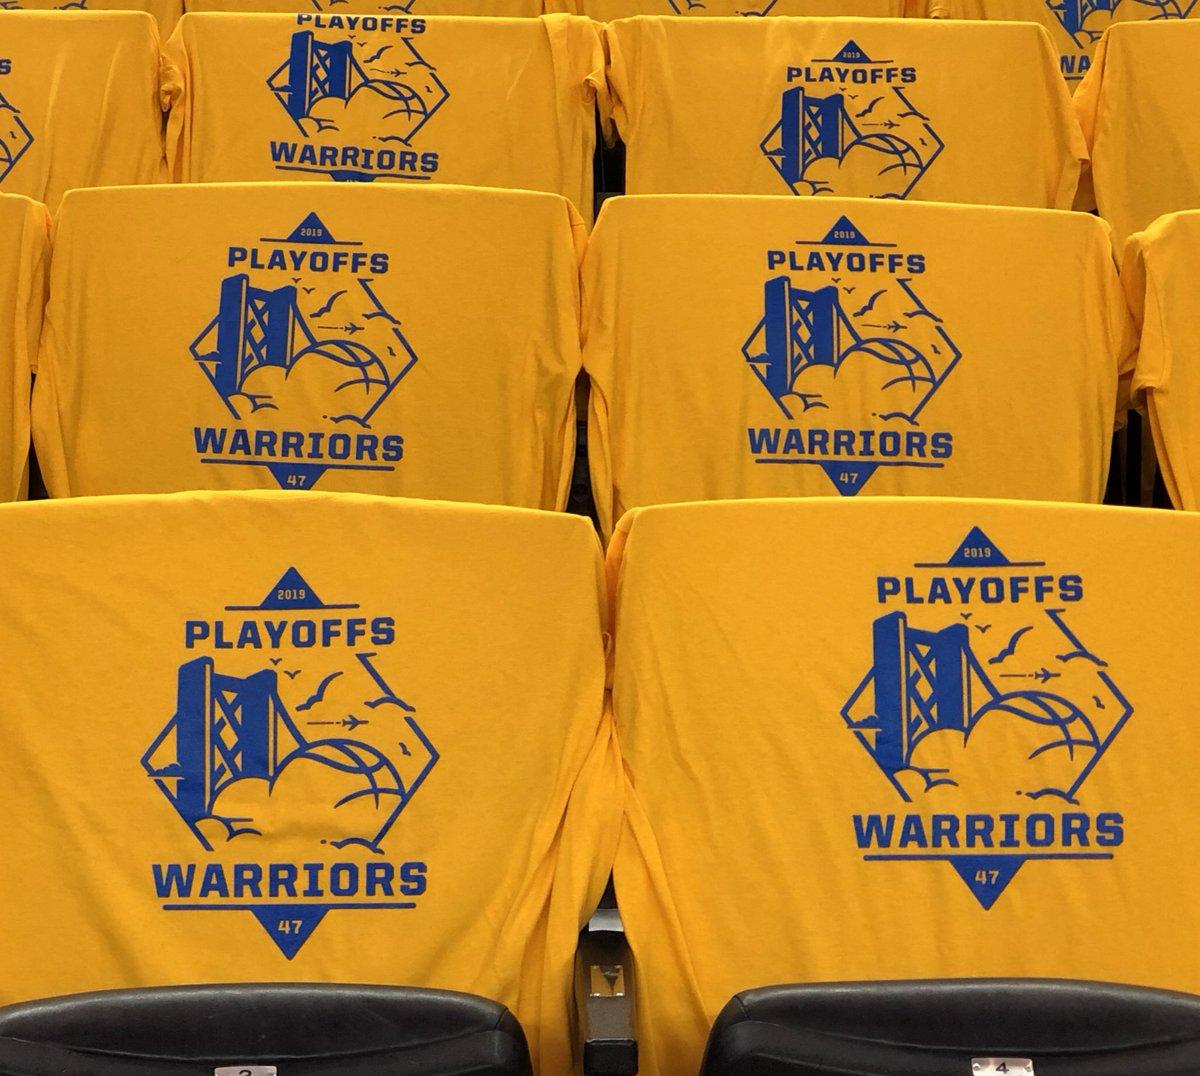 蓄势待发!勇士主场观众席已铺满季后赛纪念T恤